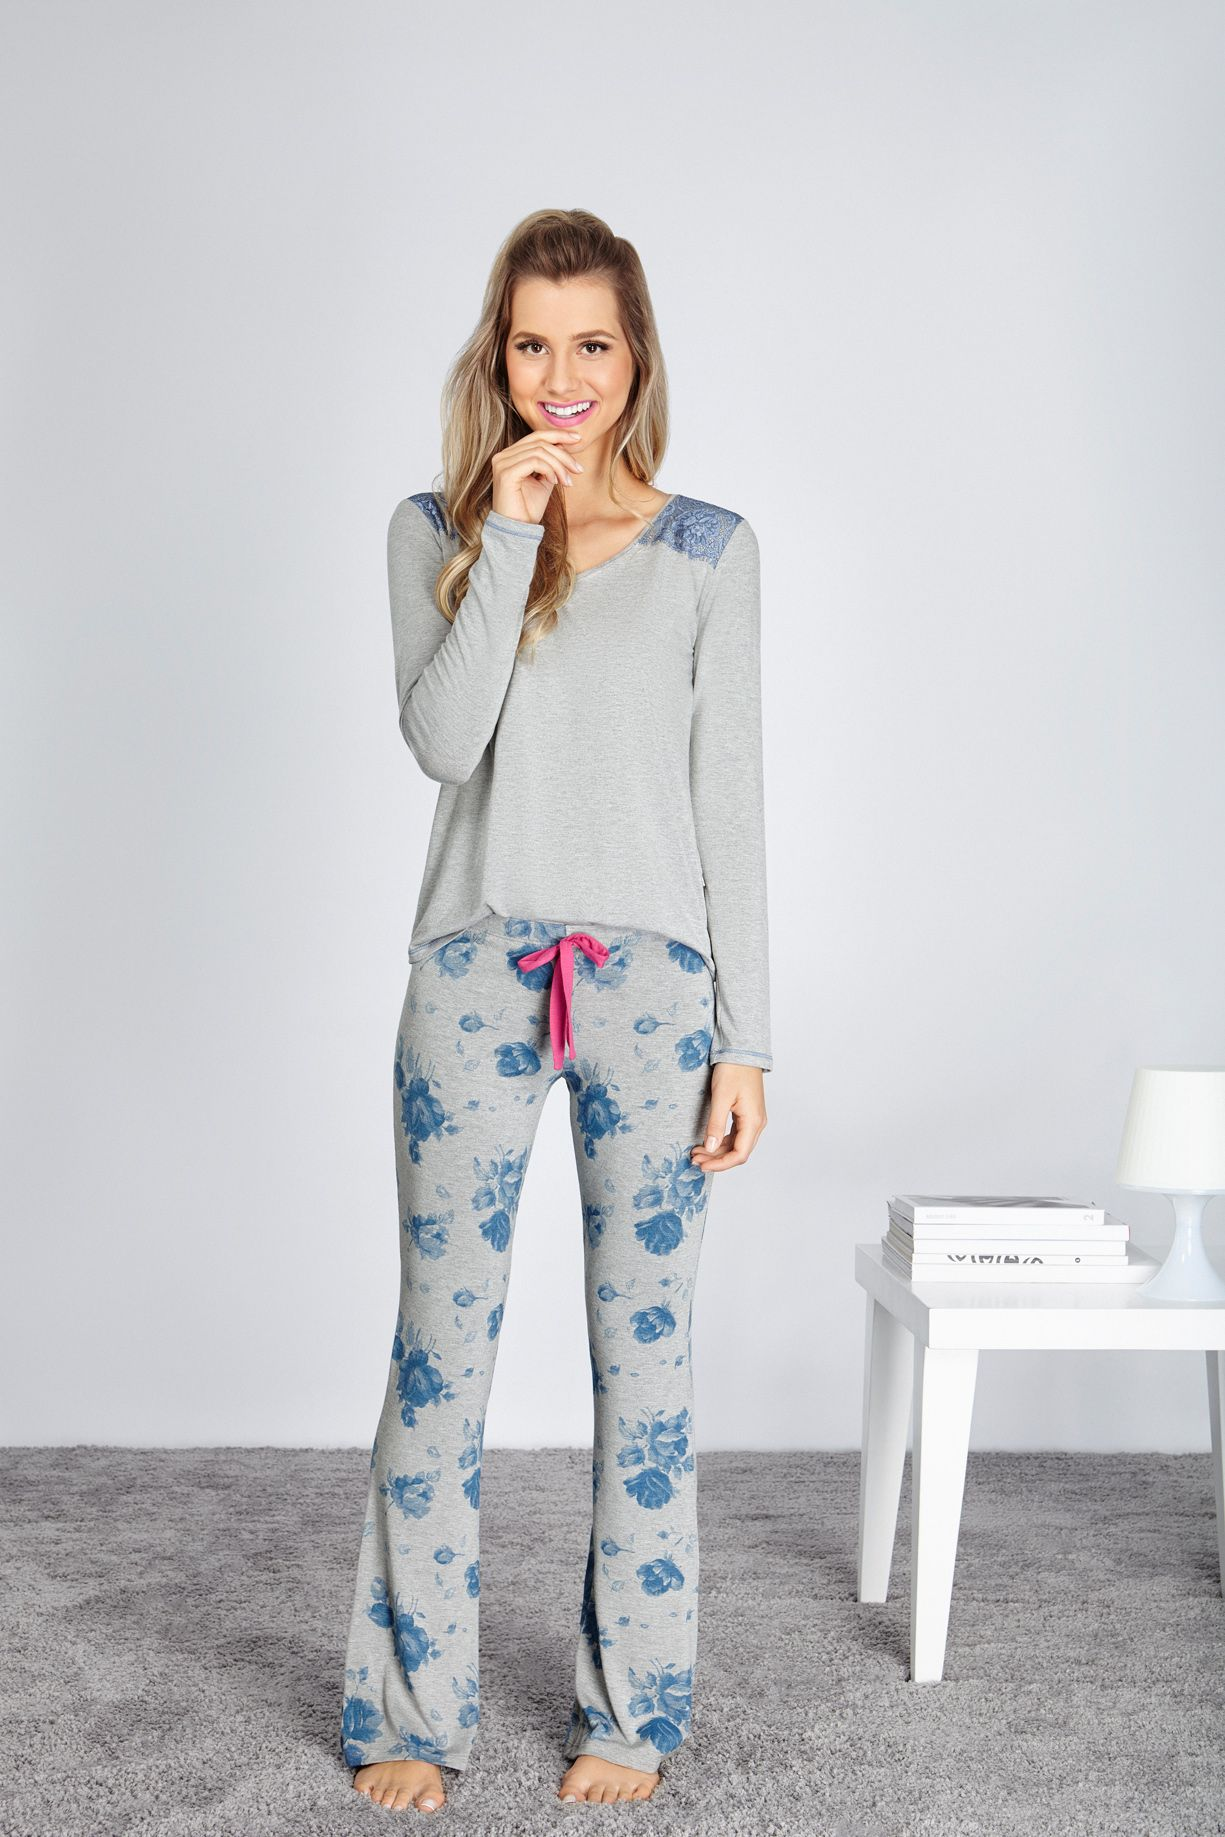 dias de conforto são feitos de pijamas fofos e macios! | Pijamas y ...